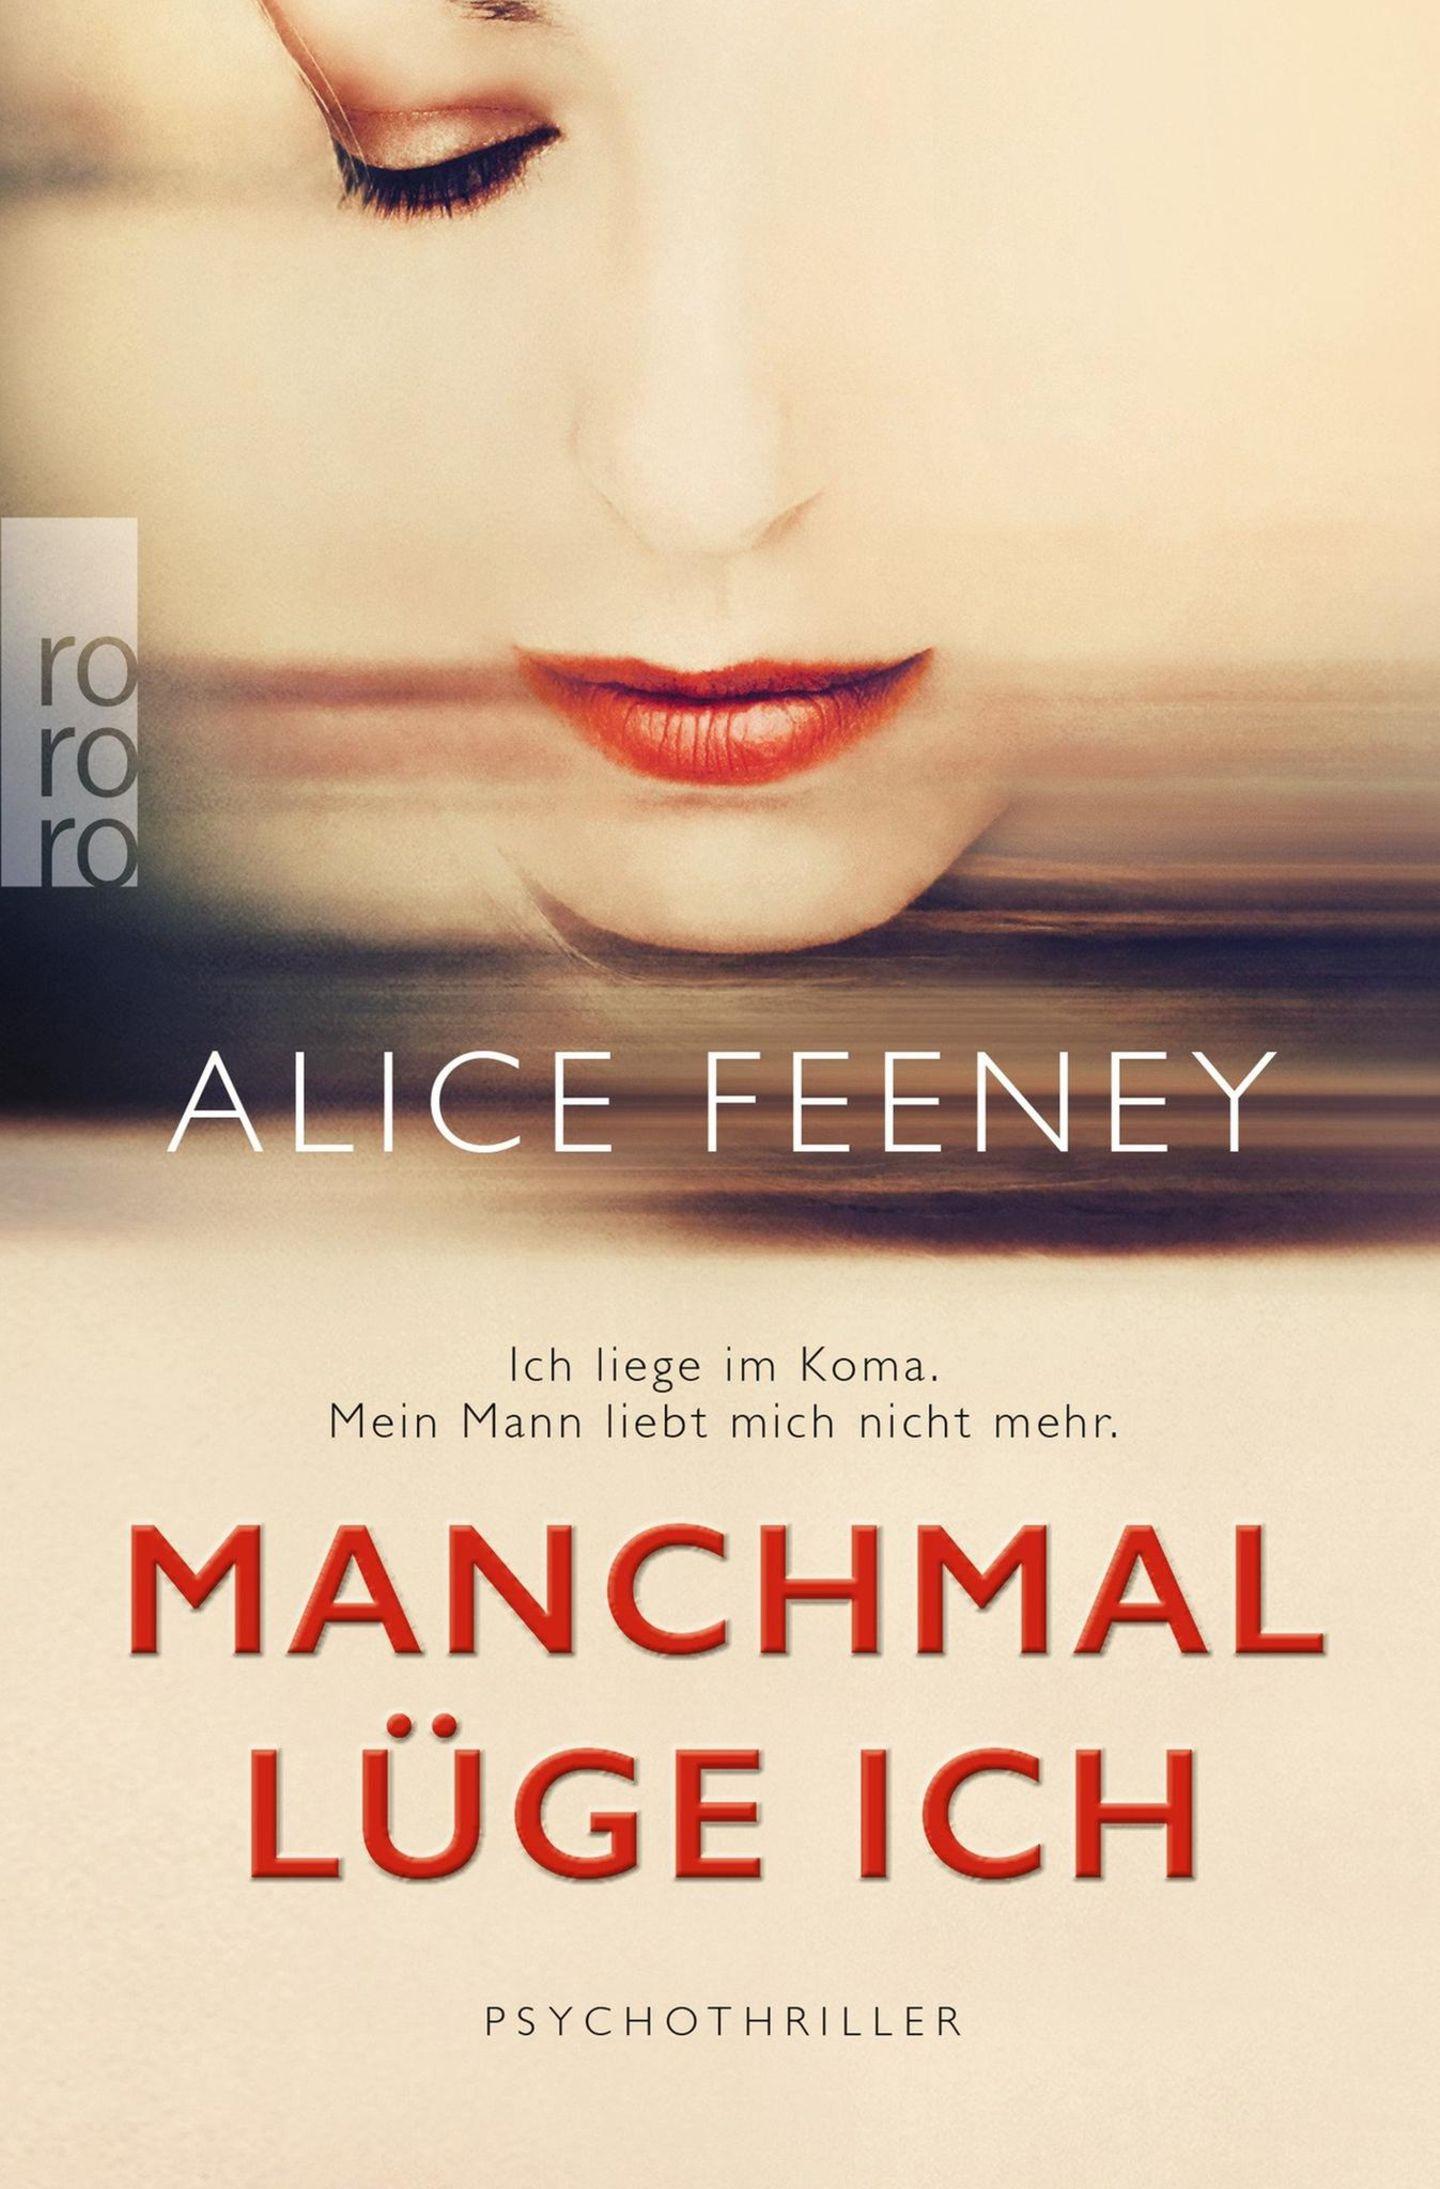 Manchmal lüge ich von Alice Feeney